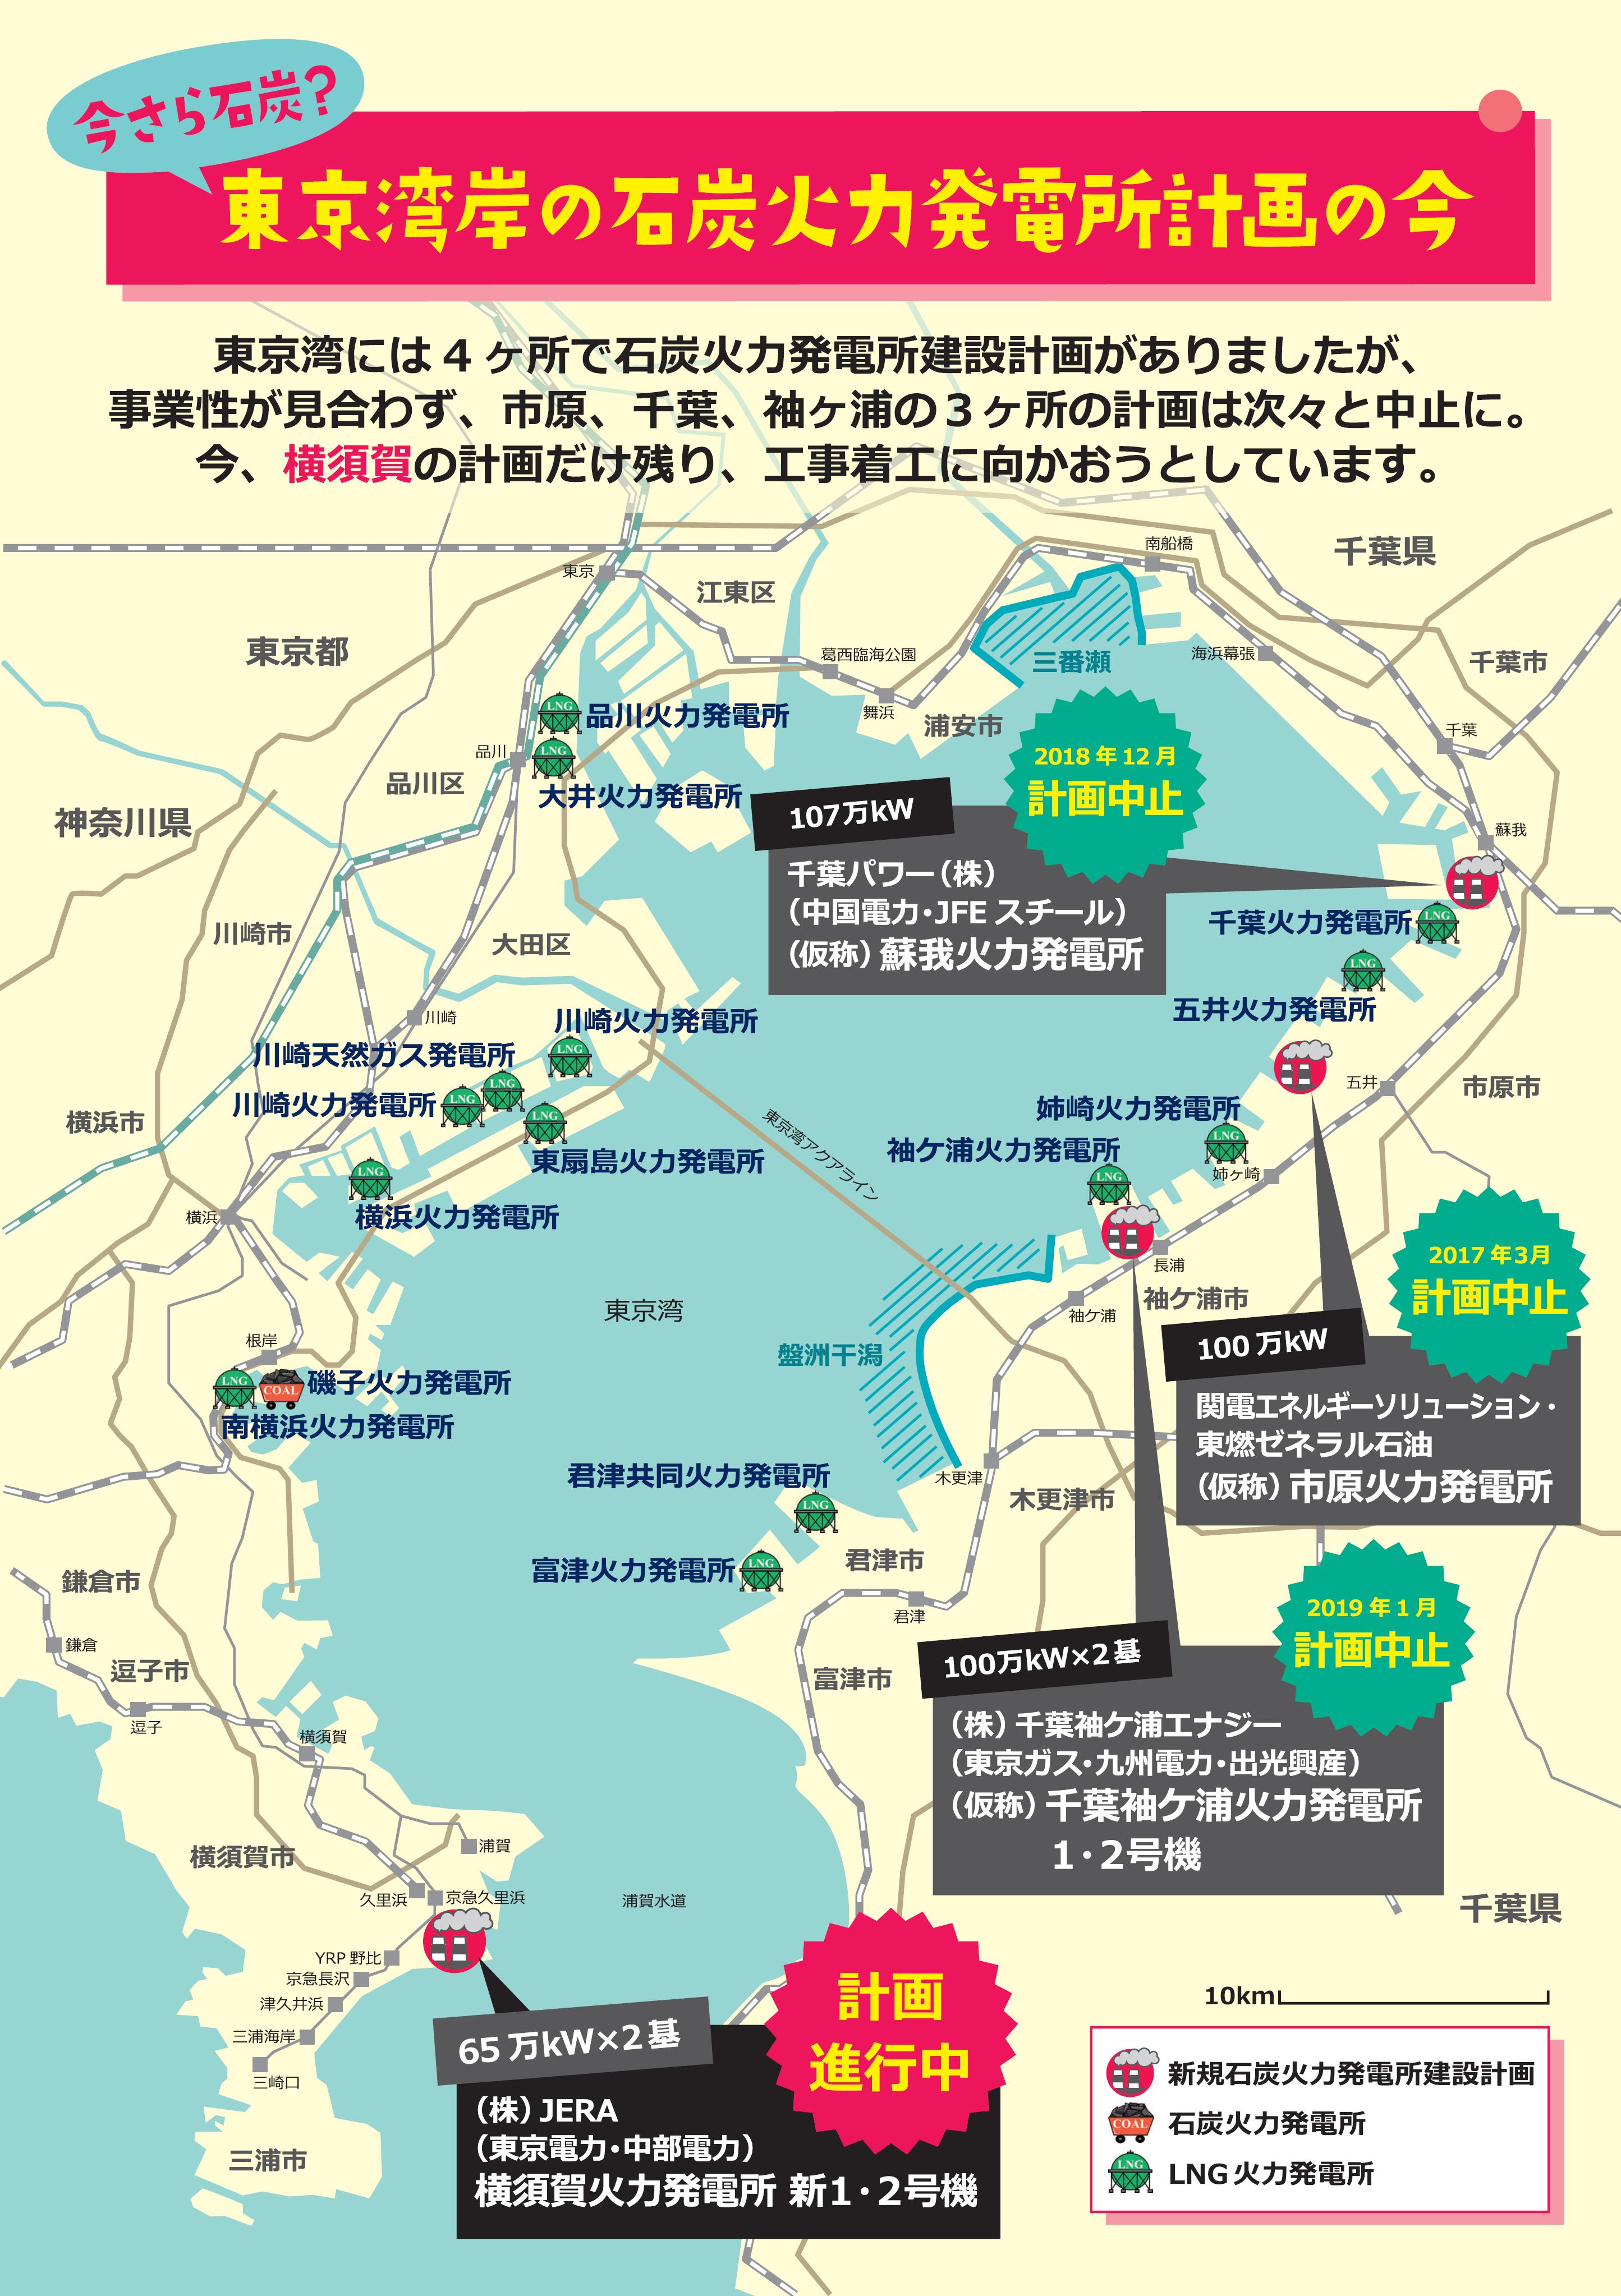 FoE Japan | 気候変動・エネルギー